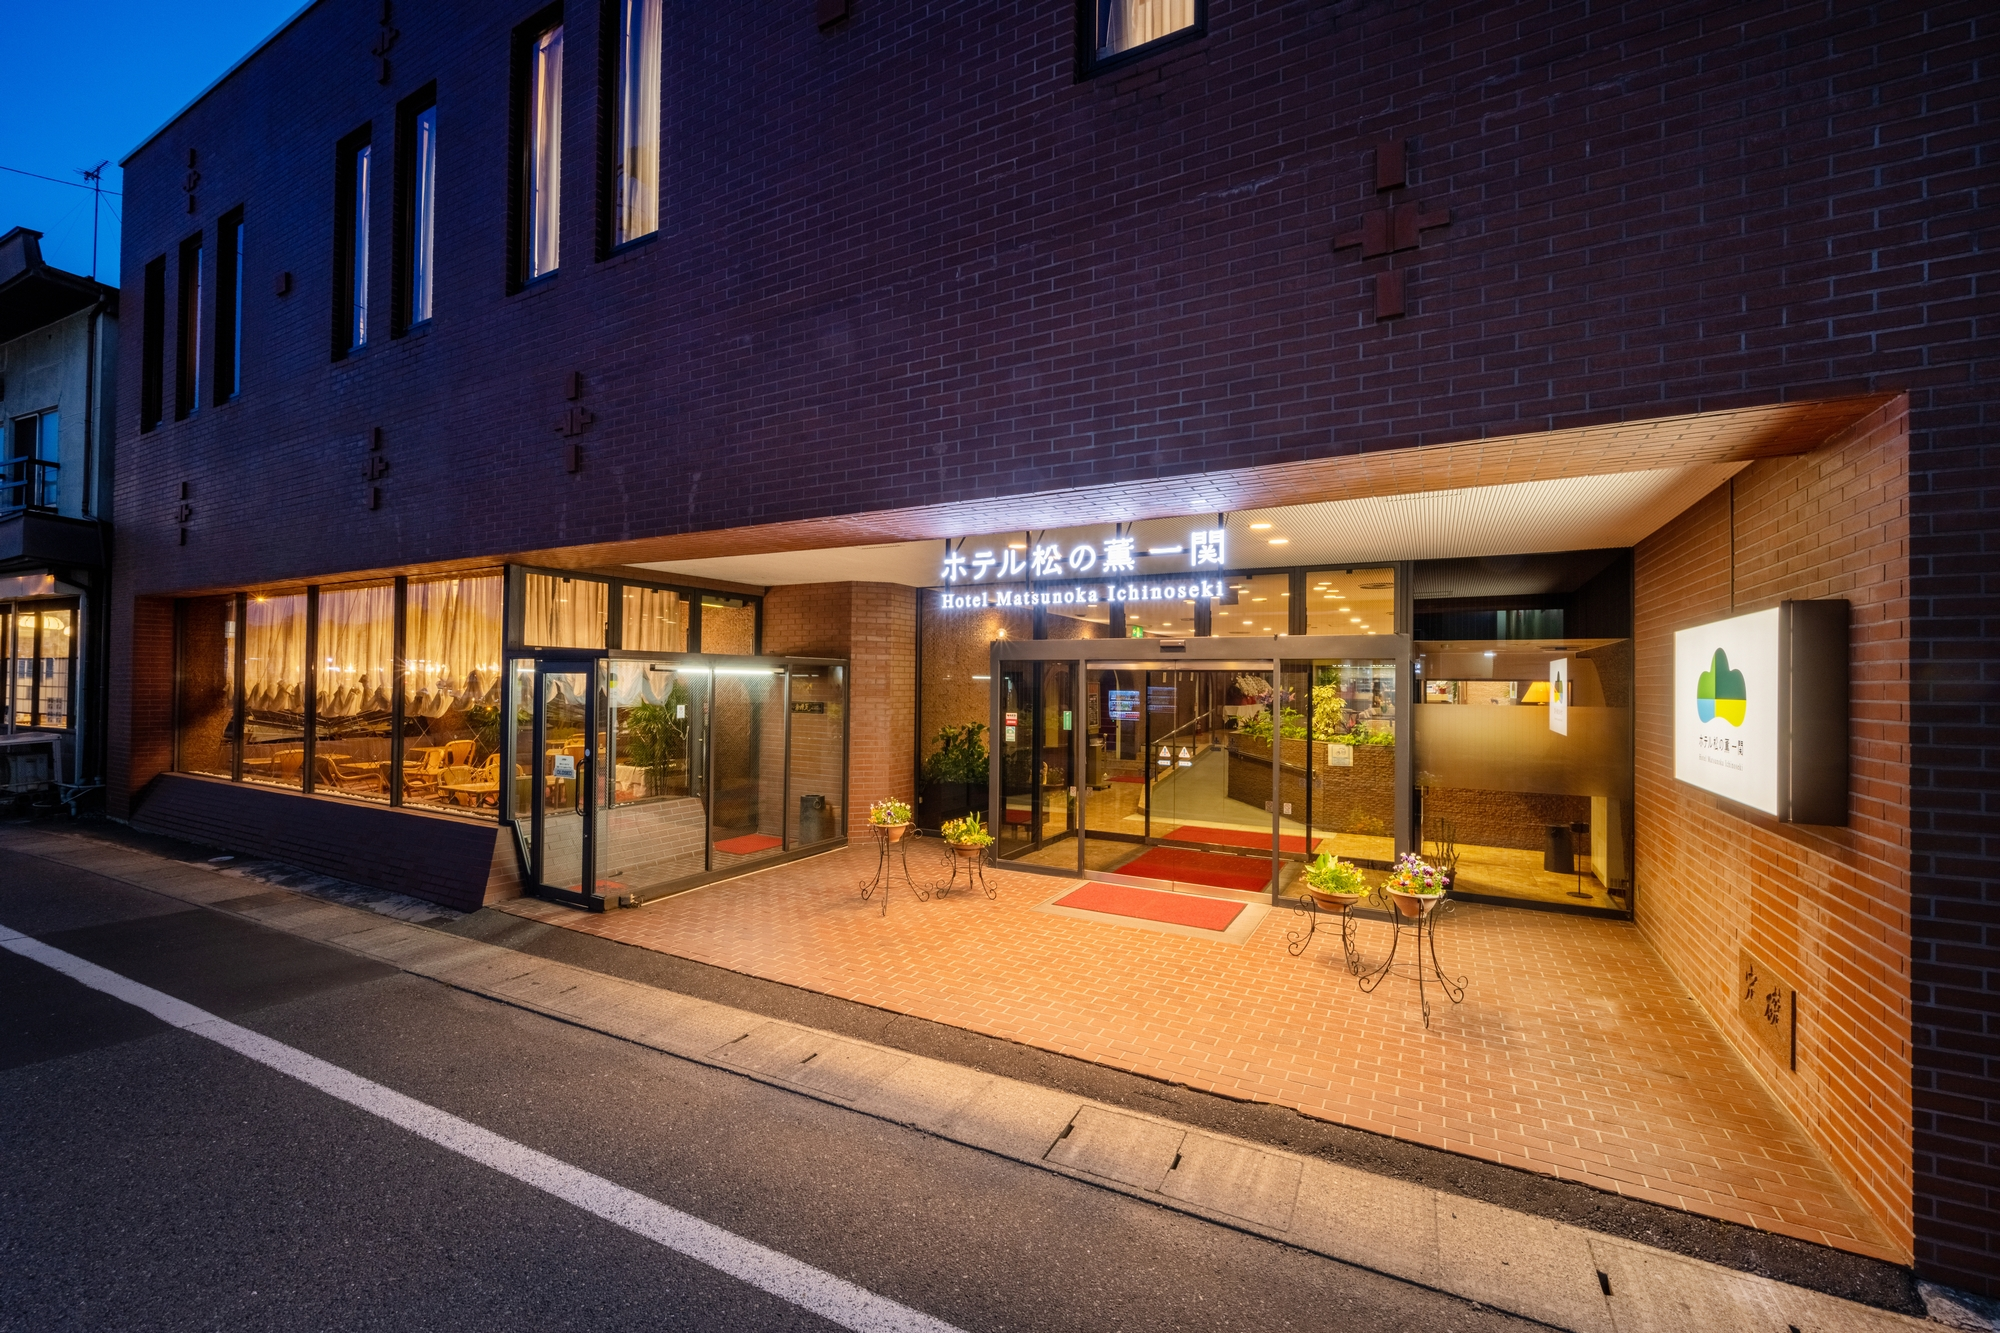 ホテル サンルート 一関◆楽天トラベル